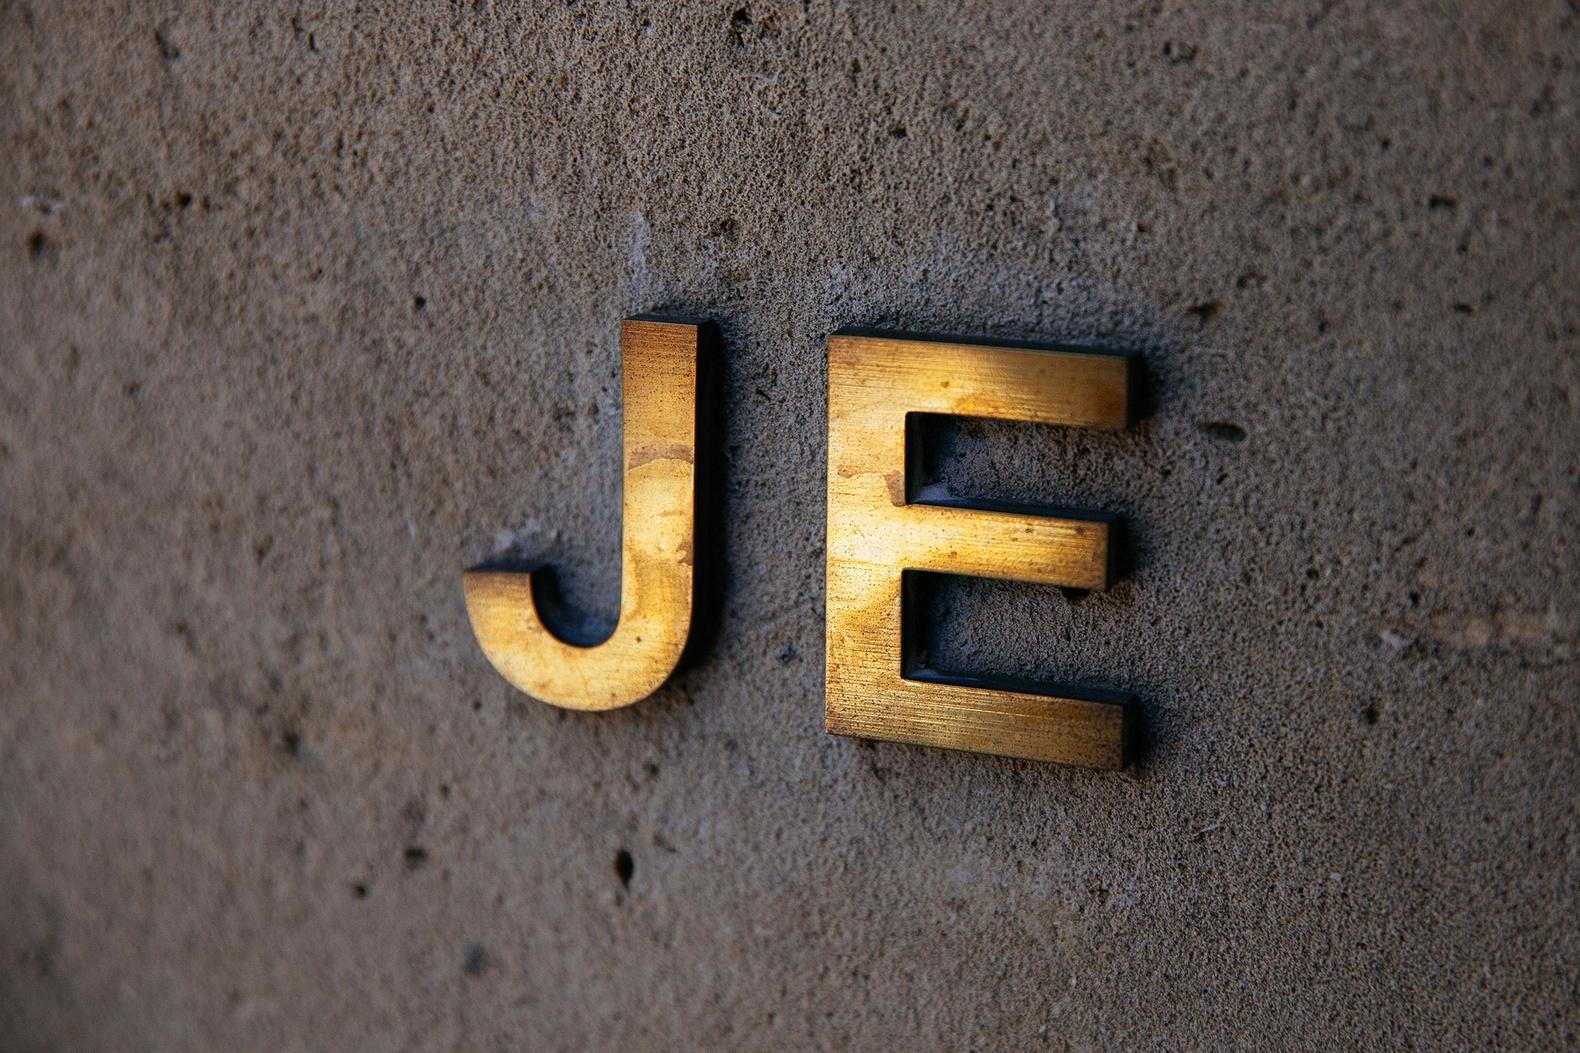 Brass initials J.E. on white concrete.